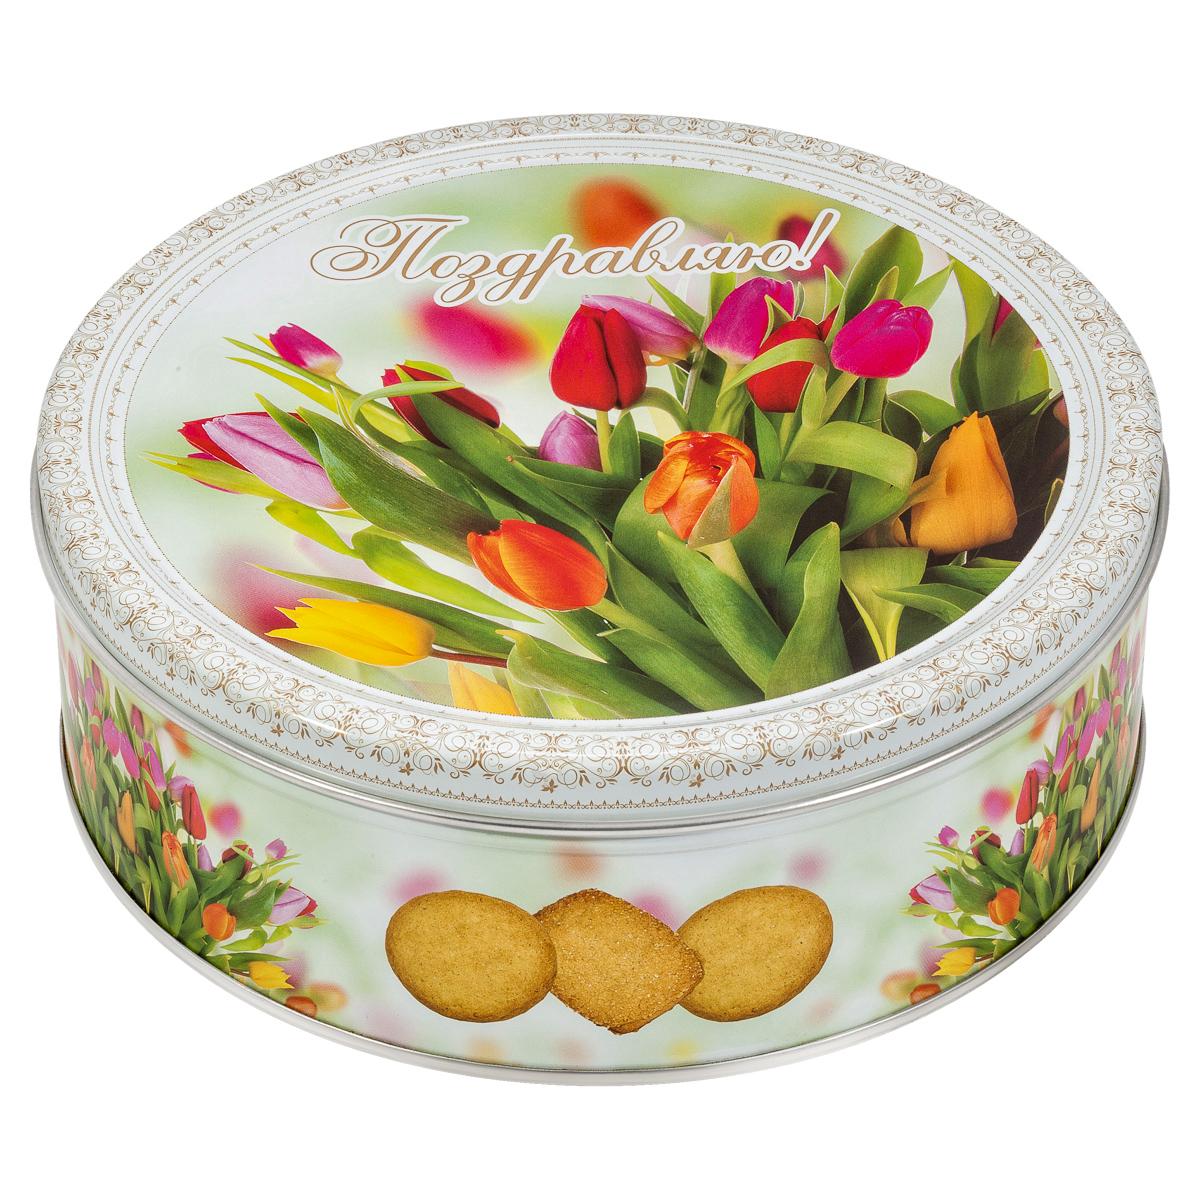 Monte Christo Тюльпаны печенье со сливочным маслом, 400 г кровати купить в г иваново